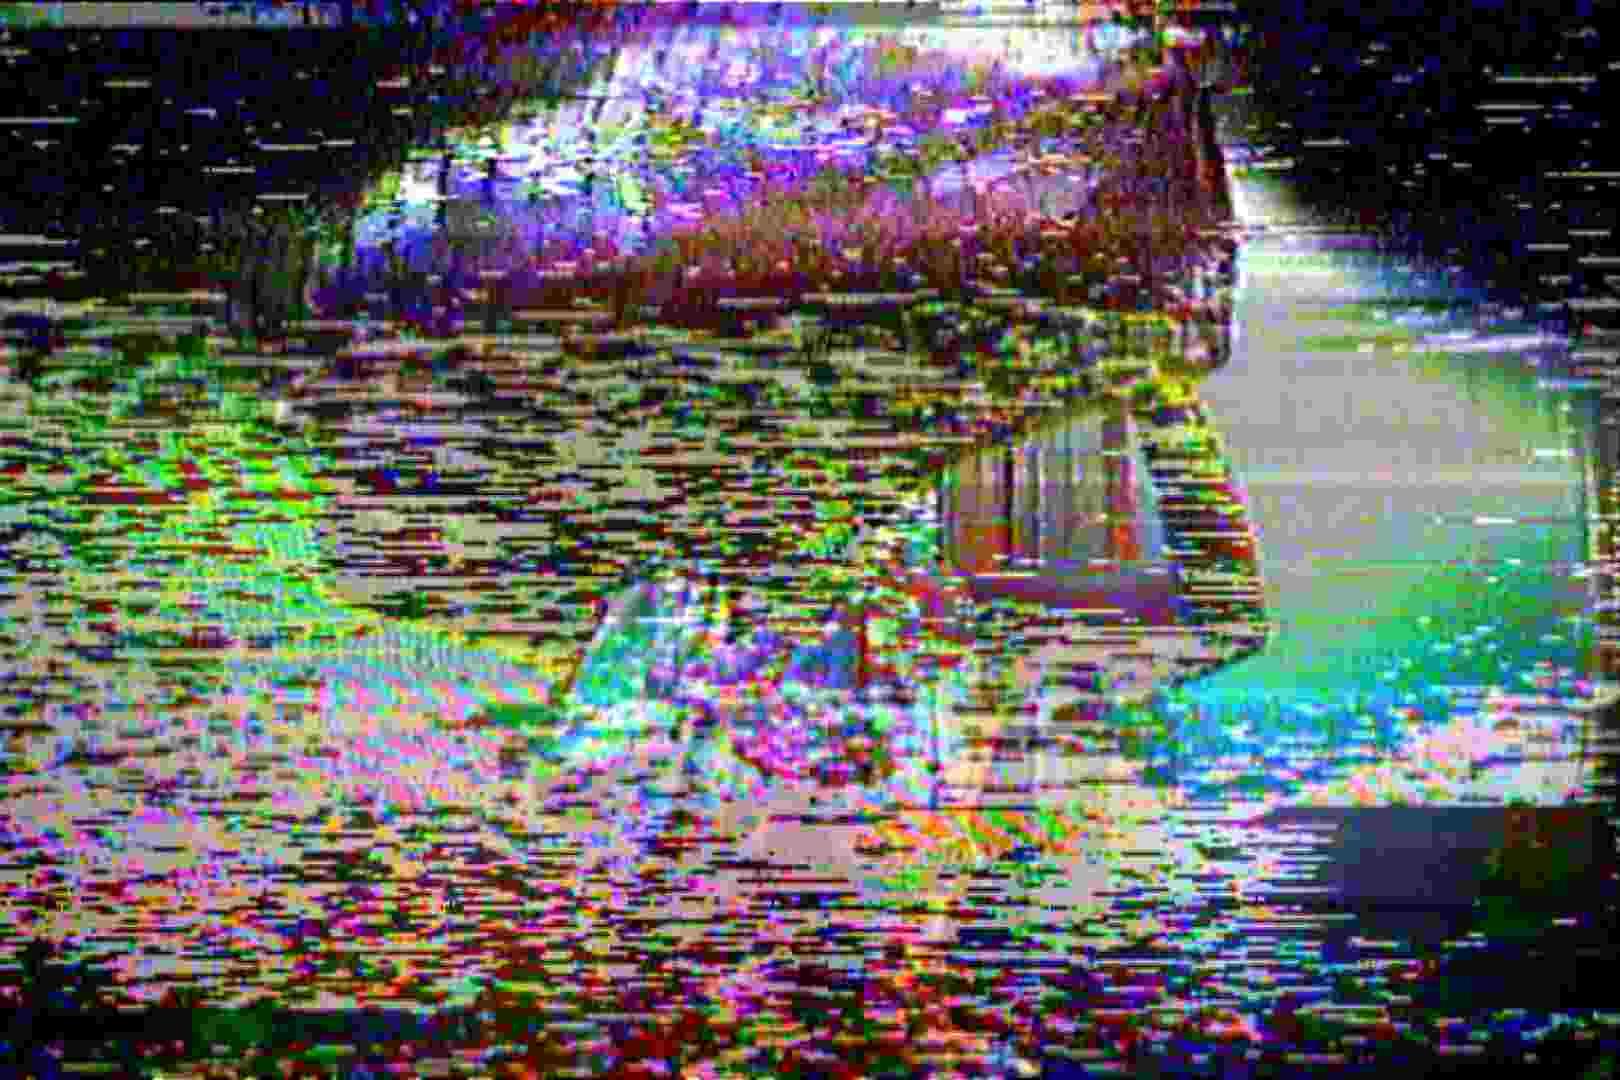 海の家の更衣室 Vol.15 美女  95pic 12